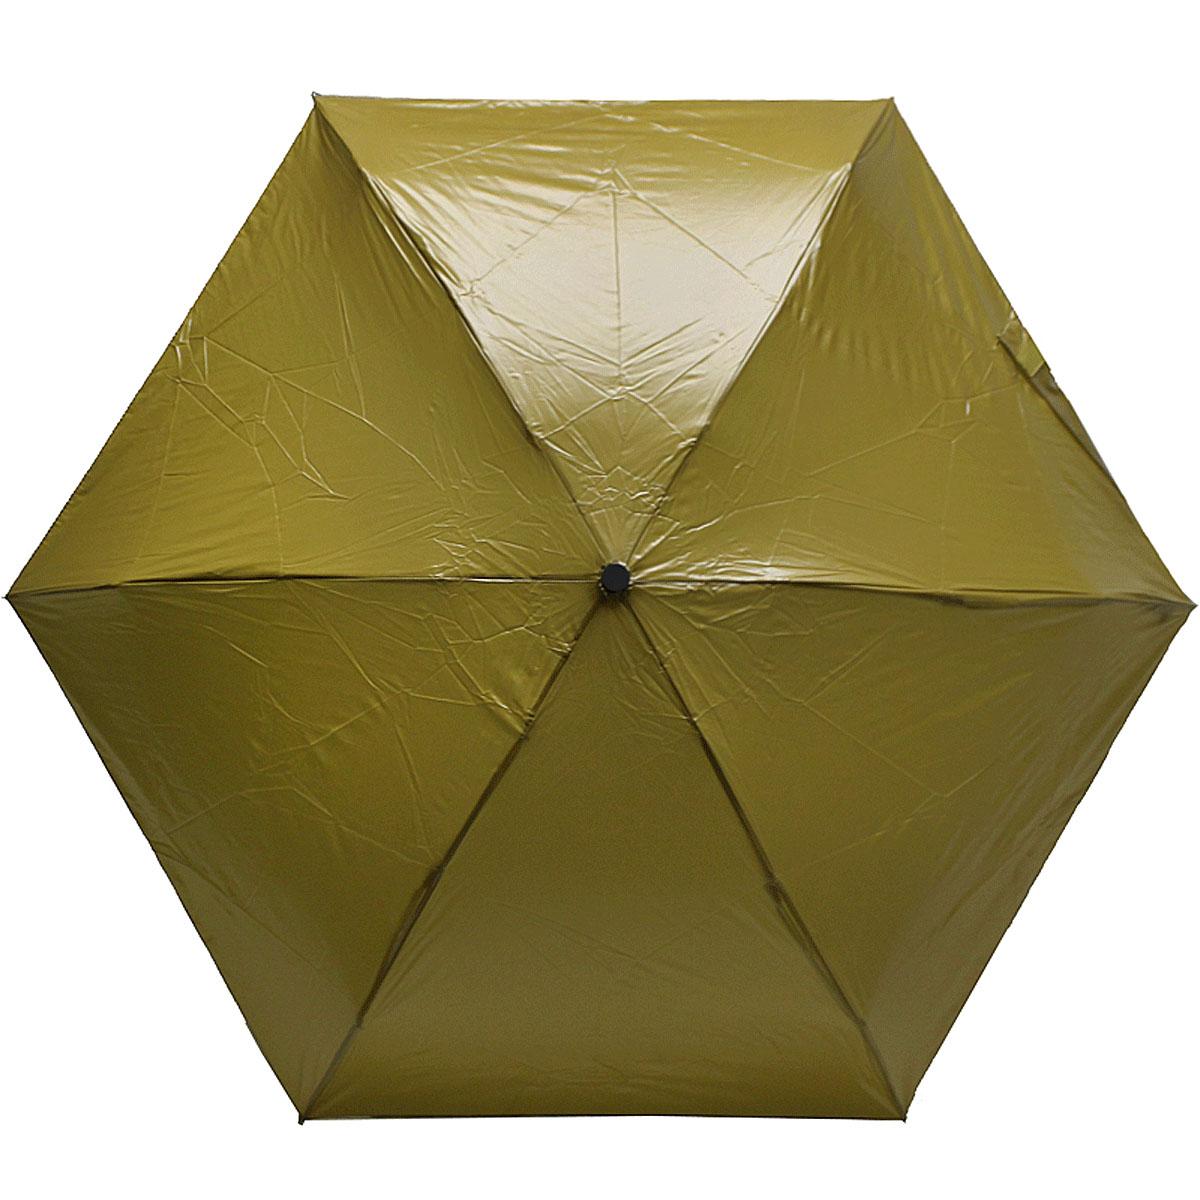 Зонт женский Vogue, цвет: хаки. 454V-2454V-2Стильный механический зонт испанского производителя Vogue оснащен каркасом с противоветровым эффектом. Каркас зонта включает 6 спиц. Стержень изготовлен из стали, купол выполнен из прочного полиэстера. Зонт является механическим: купол открывается и закрывается вручную до характерного щелчка. Такой зонт не только надежно защитит вас от дождя, но и станет стильным аксессуаром, который идеально подчеркнет ваш неповторимый образ. Рекомендации по использованию: Мокрый зонт нельзя оставлять сложенным. Зонт после использования рекомендуется сушить в полураскрытом виде вдали от нагревательных приборов. Чистить зонт рекомендуется губкой, используя мягкие нещелочные растворы.